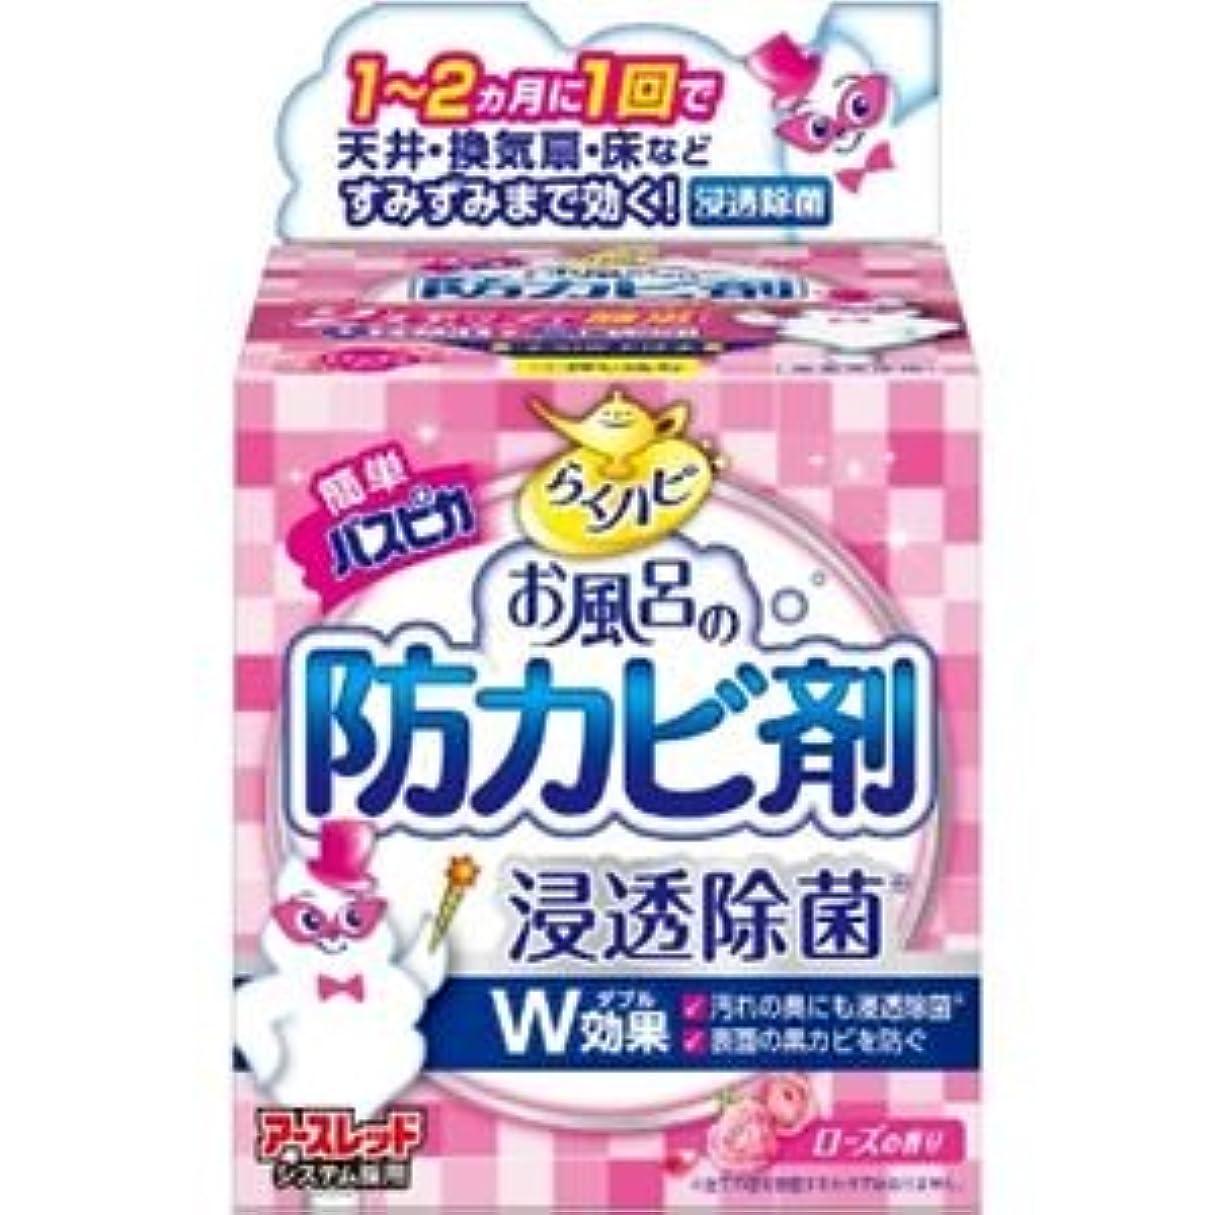 提案実験的精度(まとめ)アース製薬 らくハピお風呂の防カビ剤ローズの香り 【×3点セット】